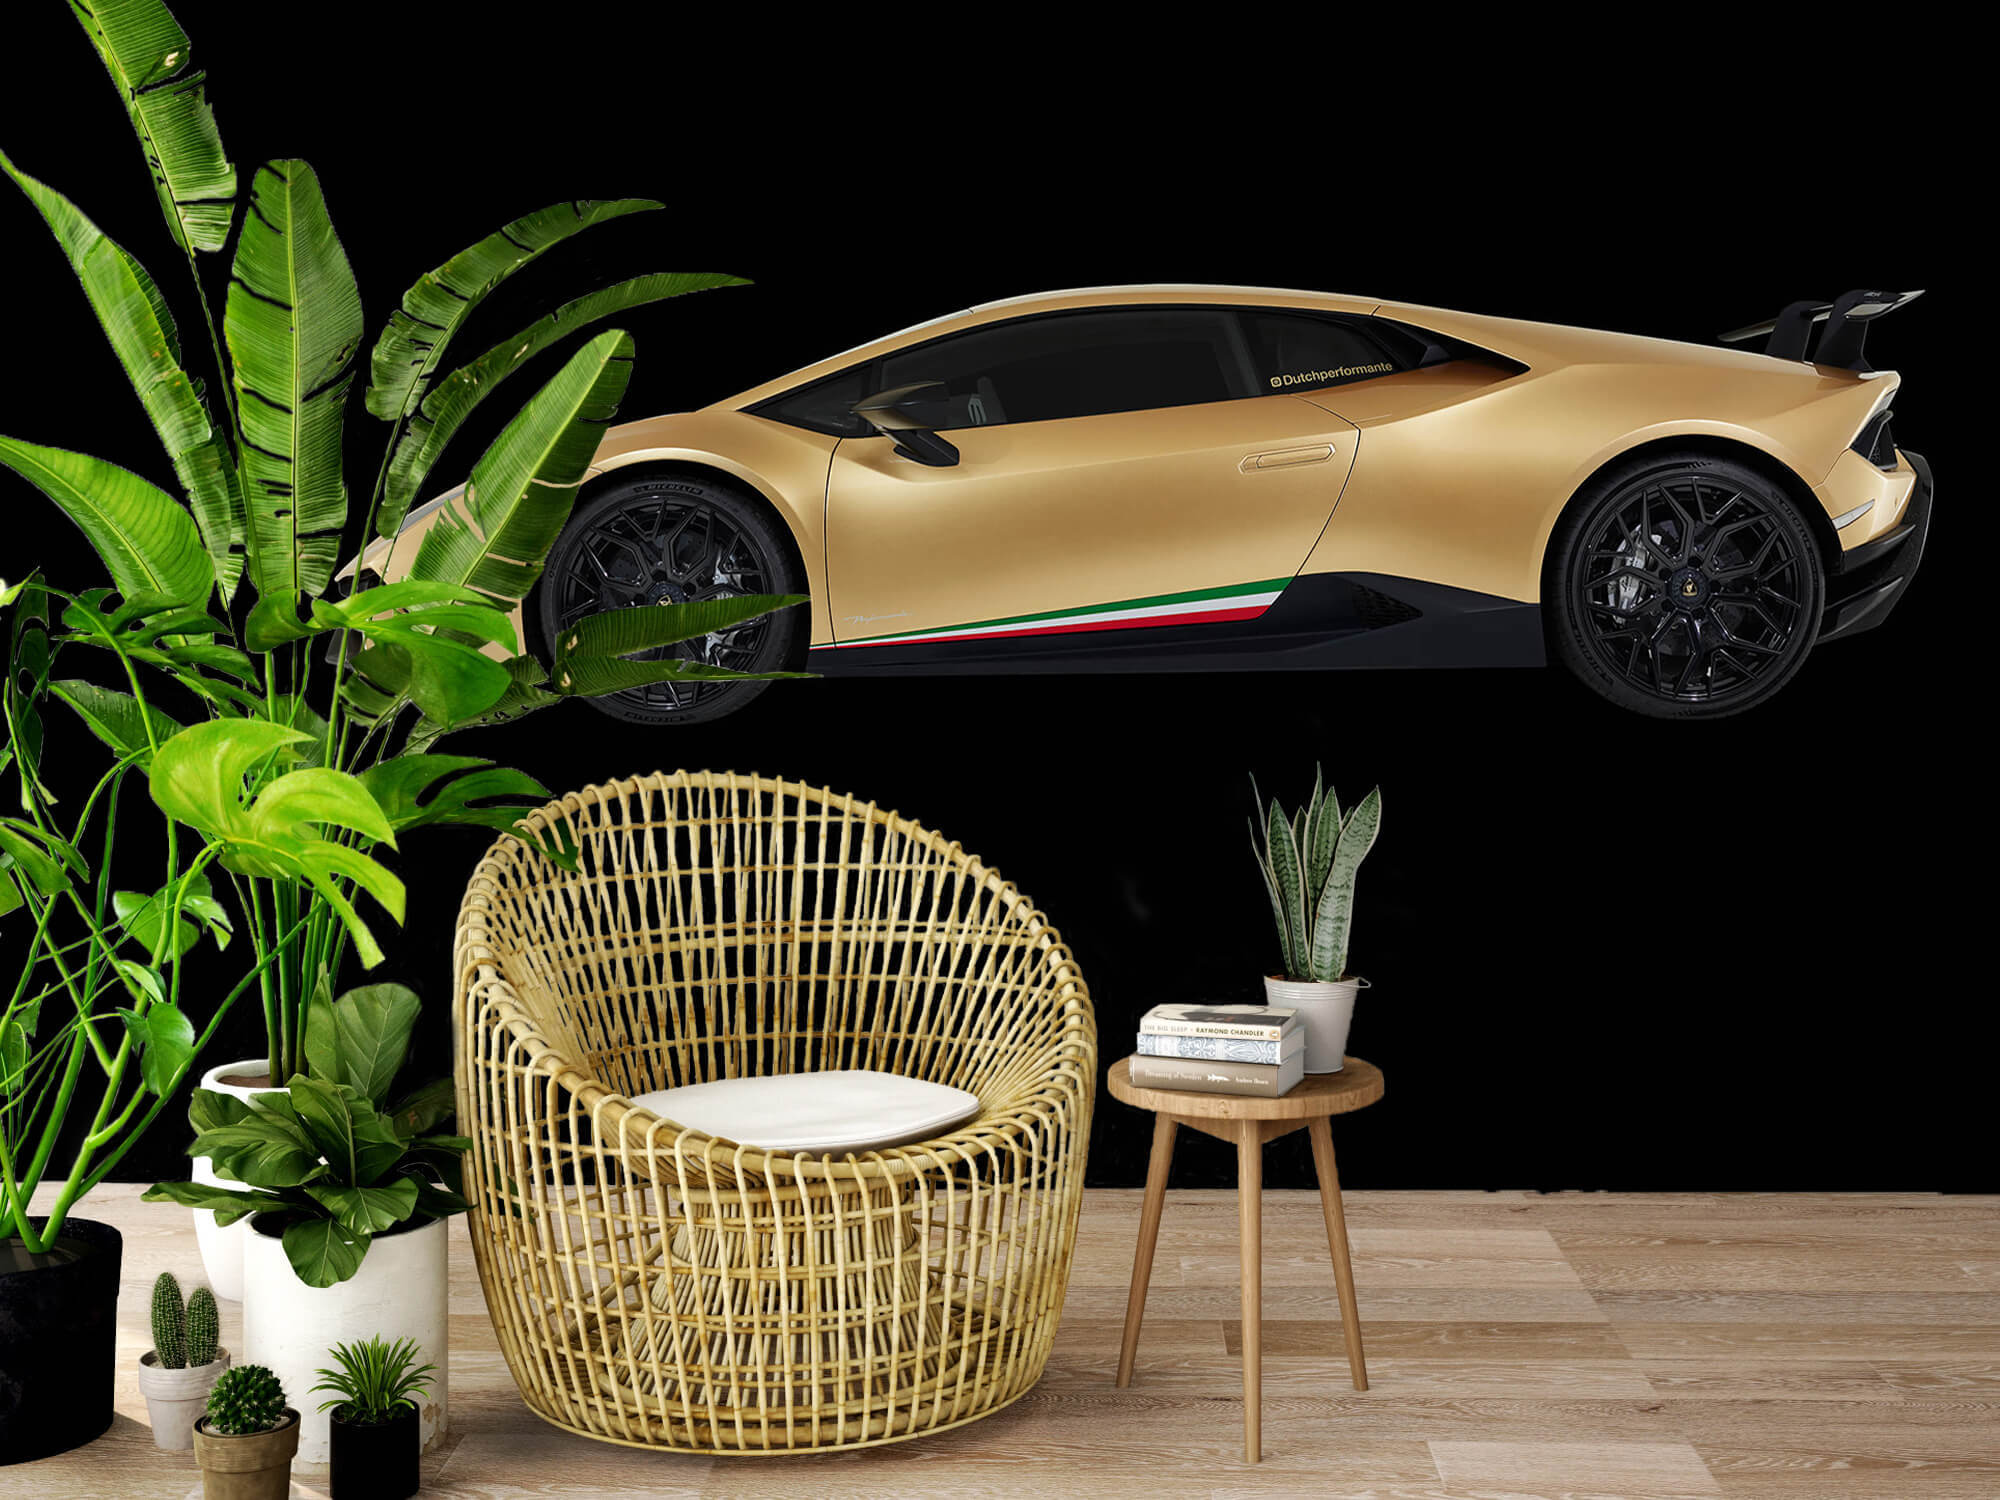 Wallpaper Lamborghini Huracán - Side, black 7